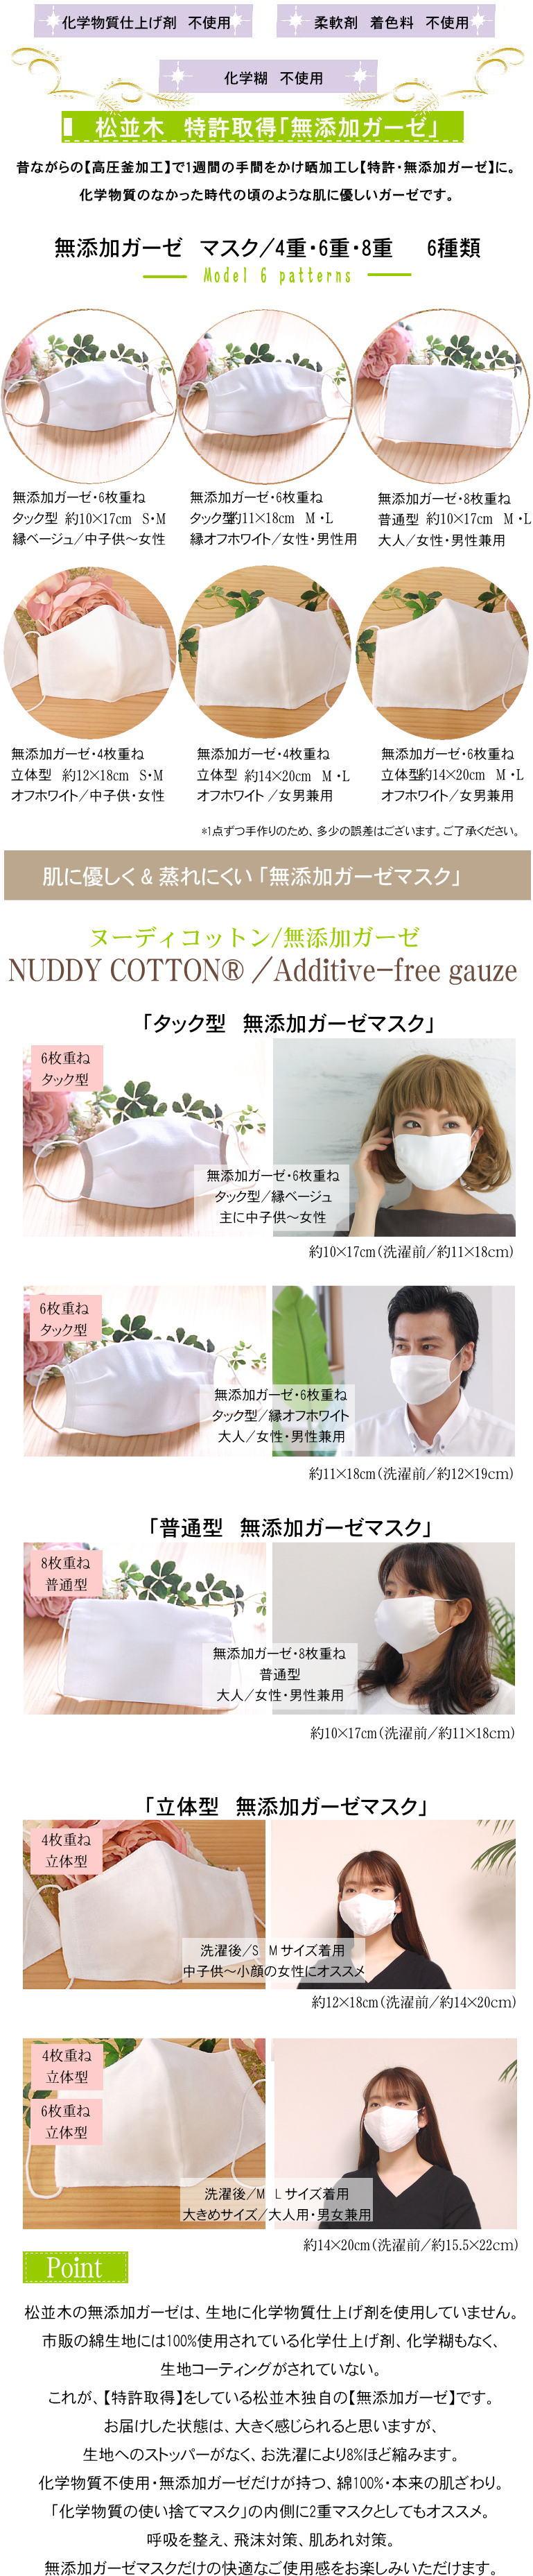 6種類 楽天1位 無添加ガーゼ マスク 敏感肌にもやさしい 無添加ガーゼ 松並木 日本製